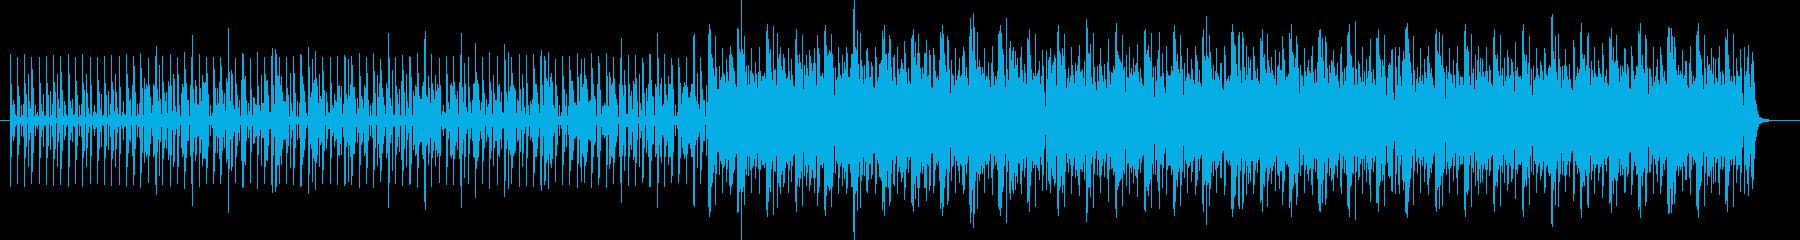 シェイカーポップミュージックの再生済みの波形